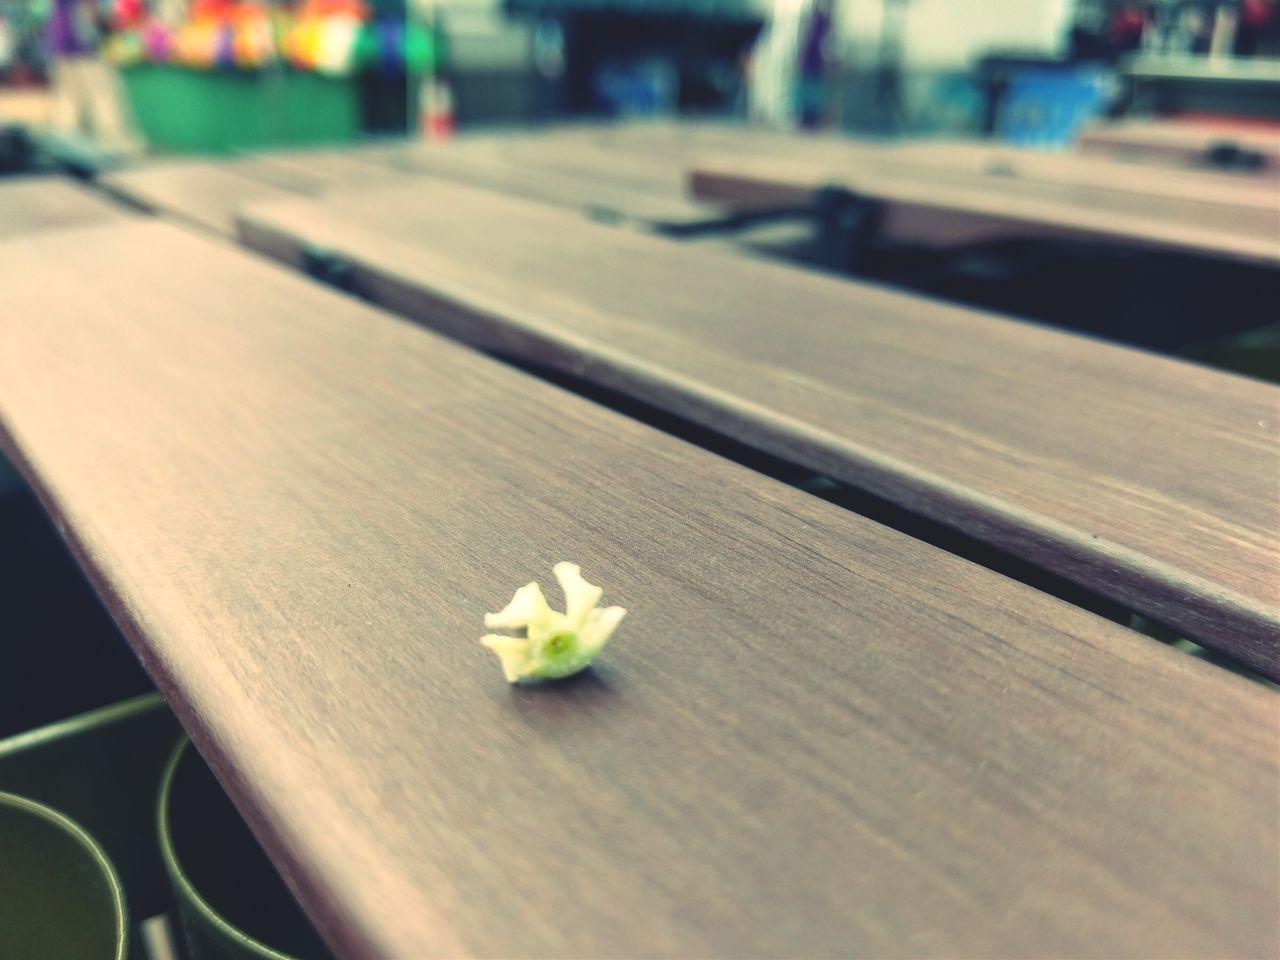 Flower Focus On Foreground Walking Around Traveling Taking Photos Enjoying Life Making Music Open Edit Beautiful Day